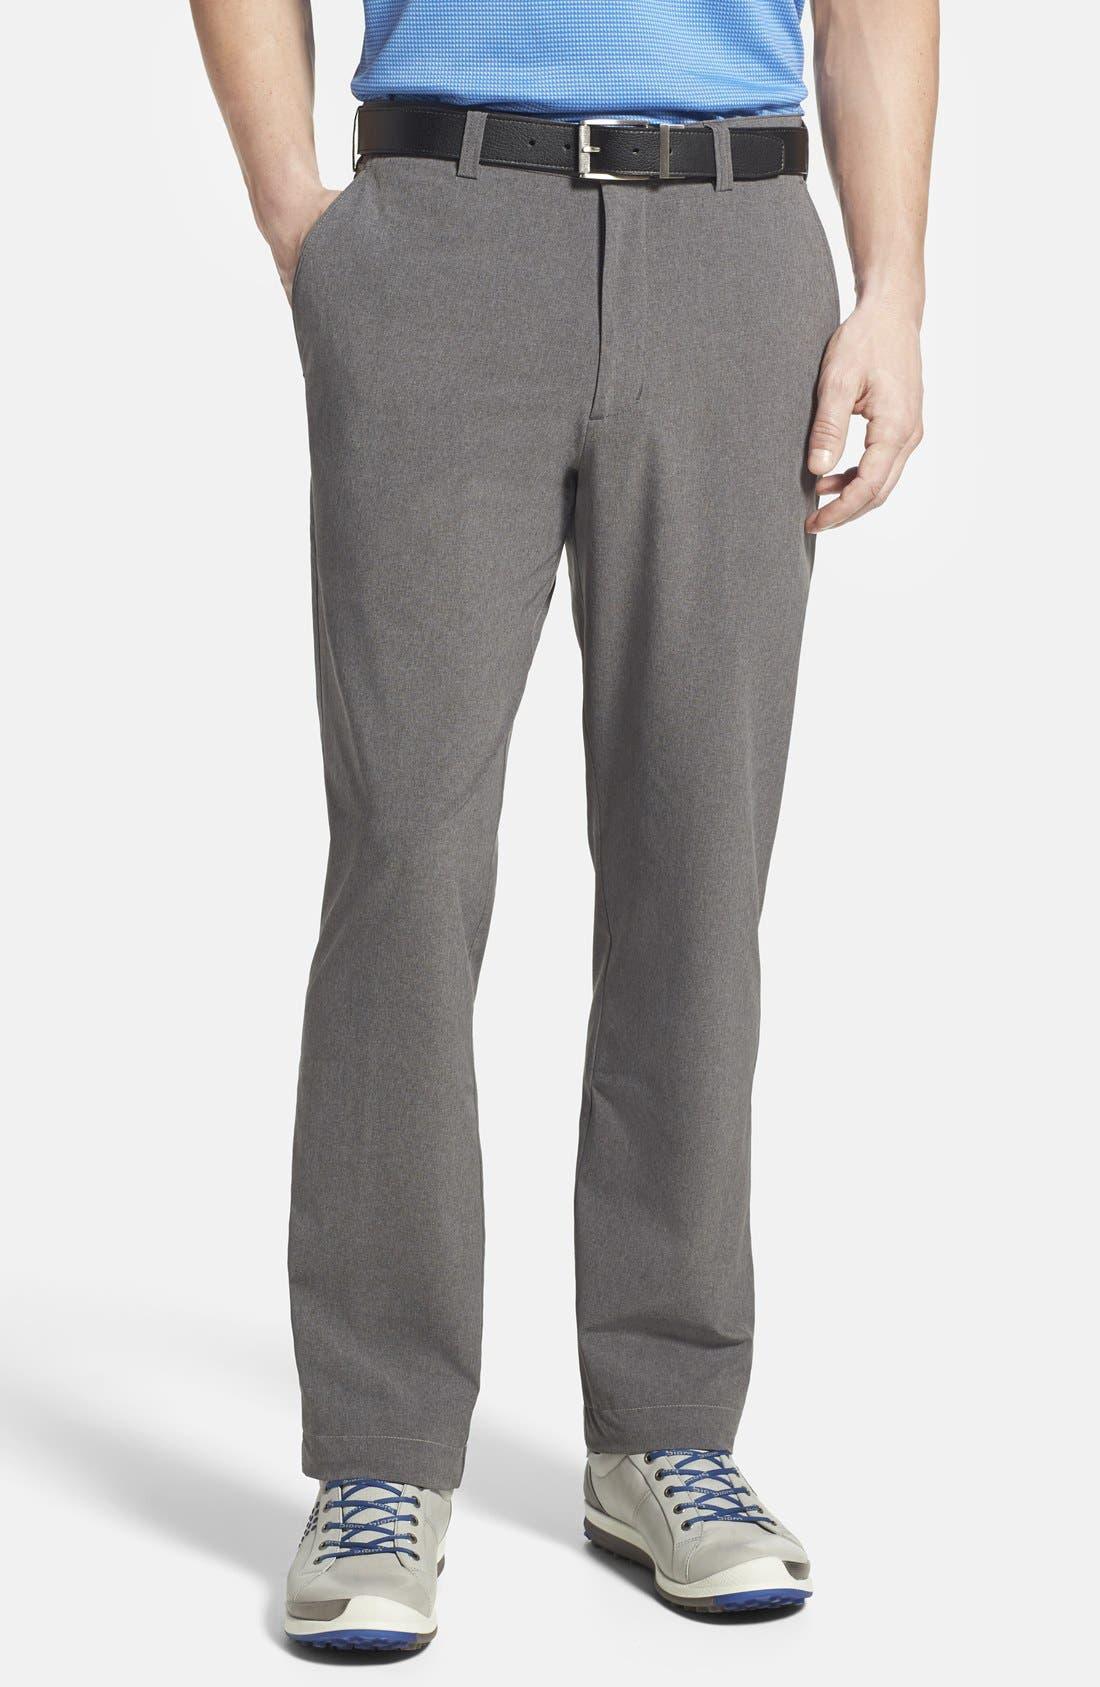 Cutter & Buck 'Bainbridge' DryTec Moisture Wicking Flat Front Pants (Big & Tall)